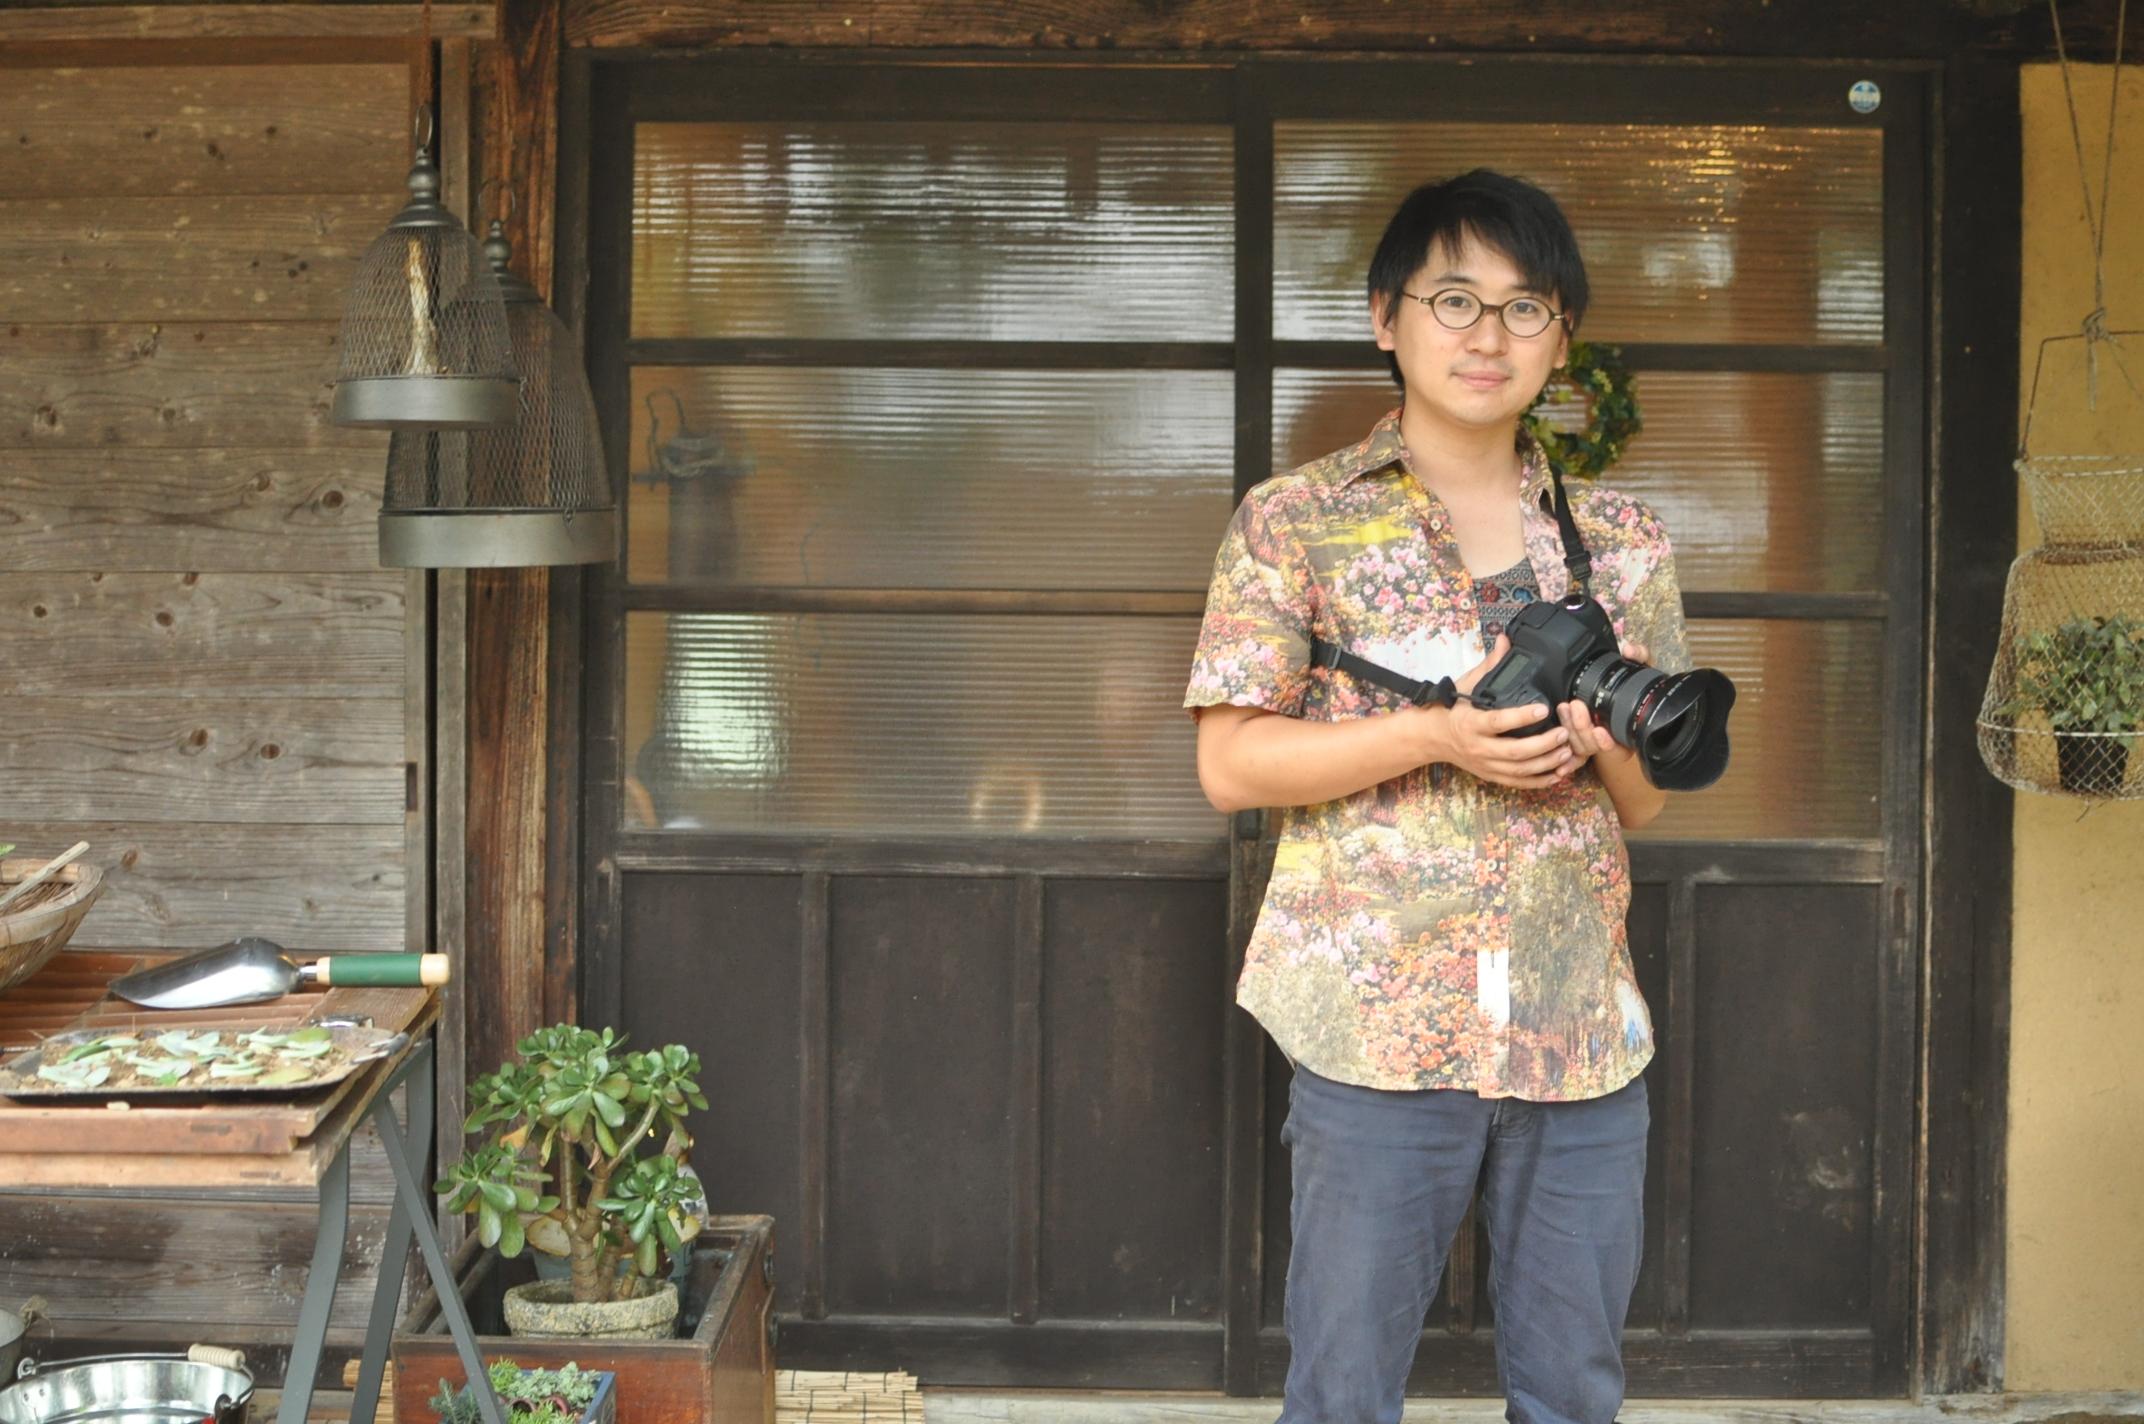 田舎暮らし|移住者のリアルボイス|赤星賢太郎ポートレート